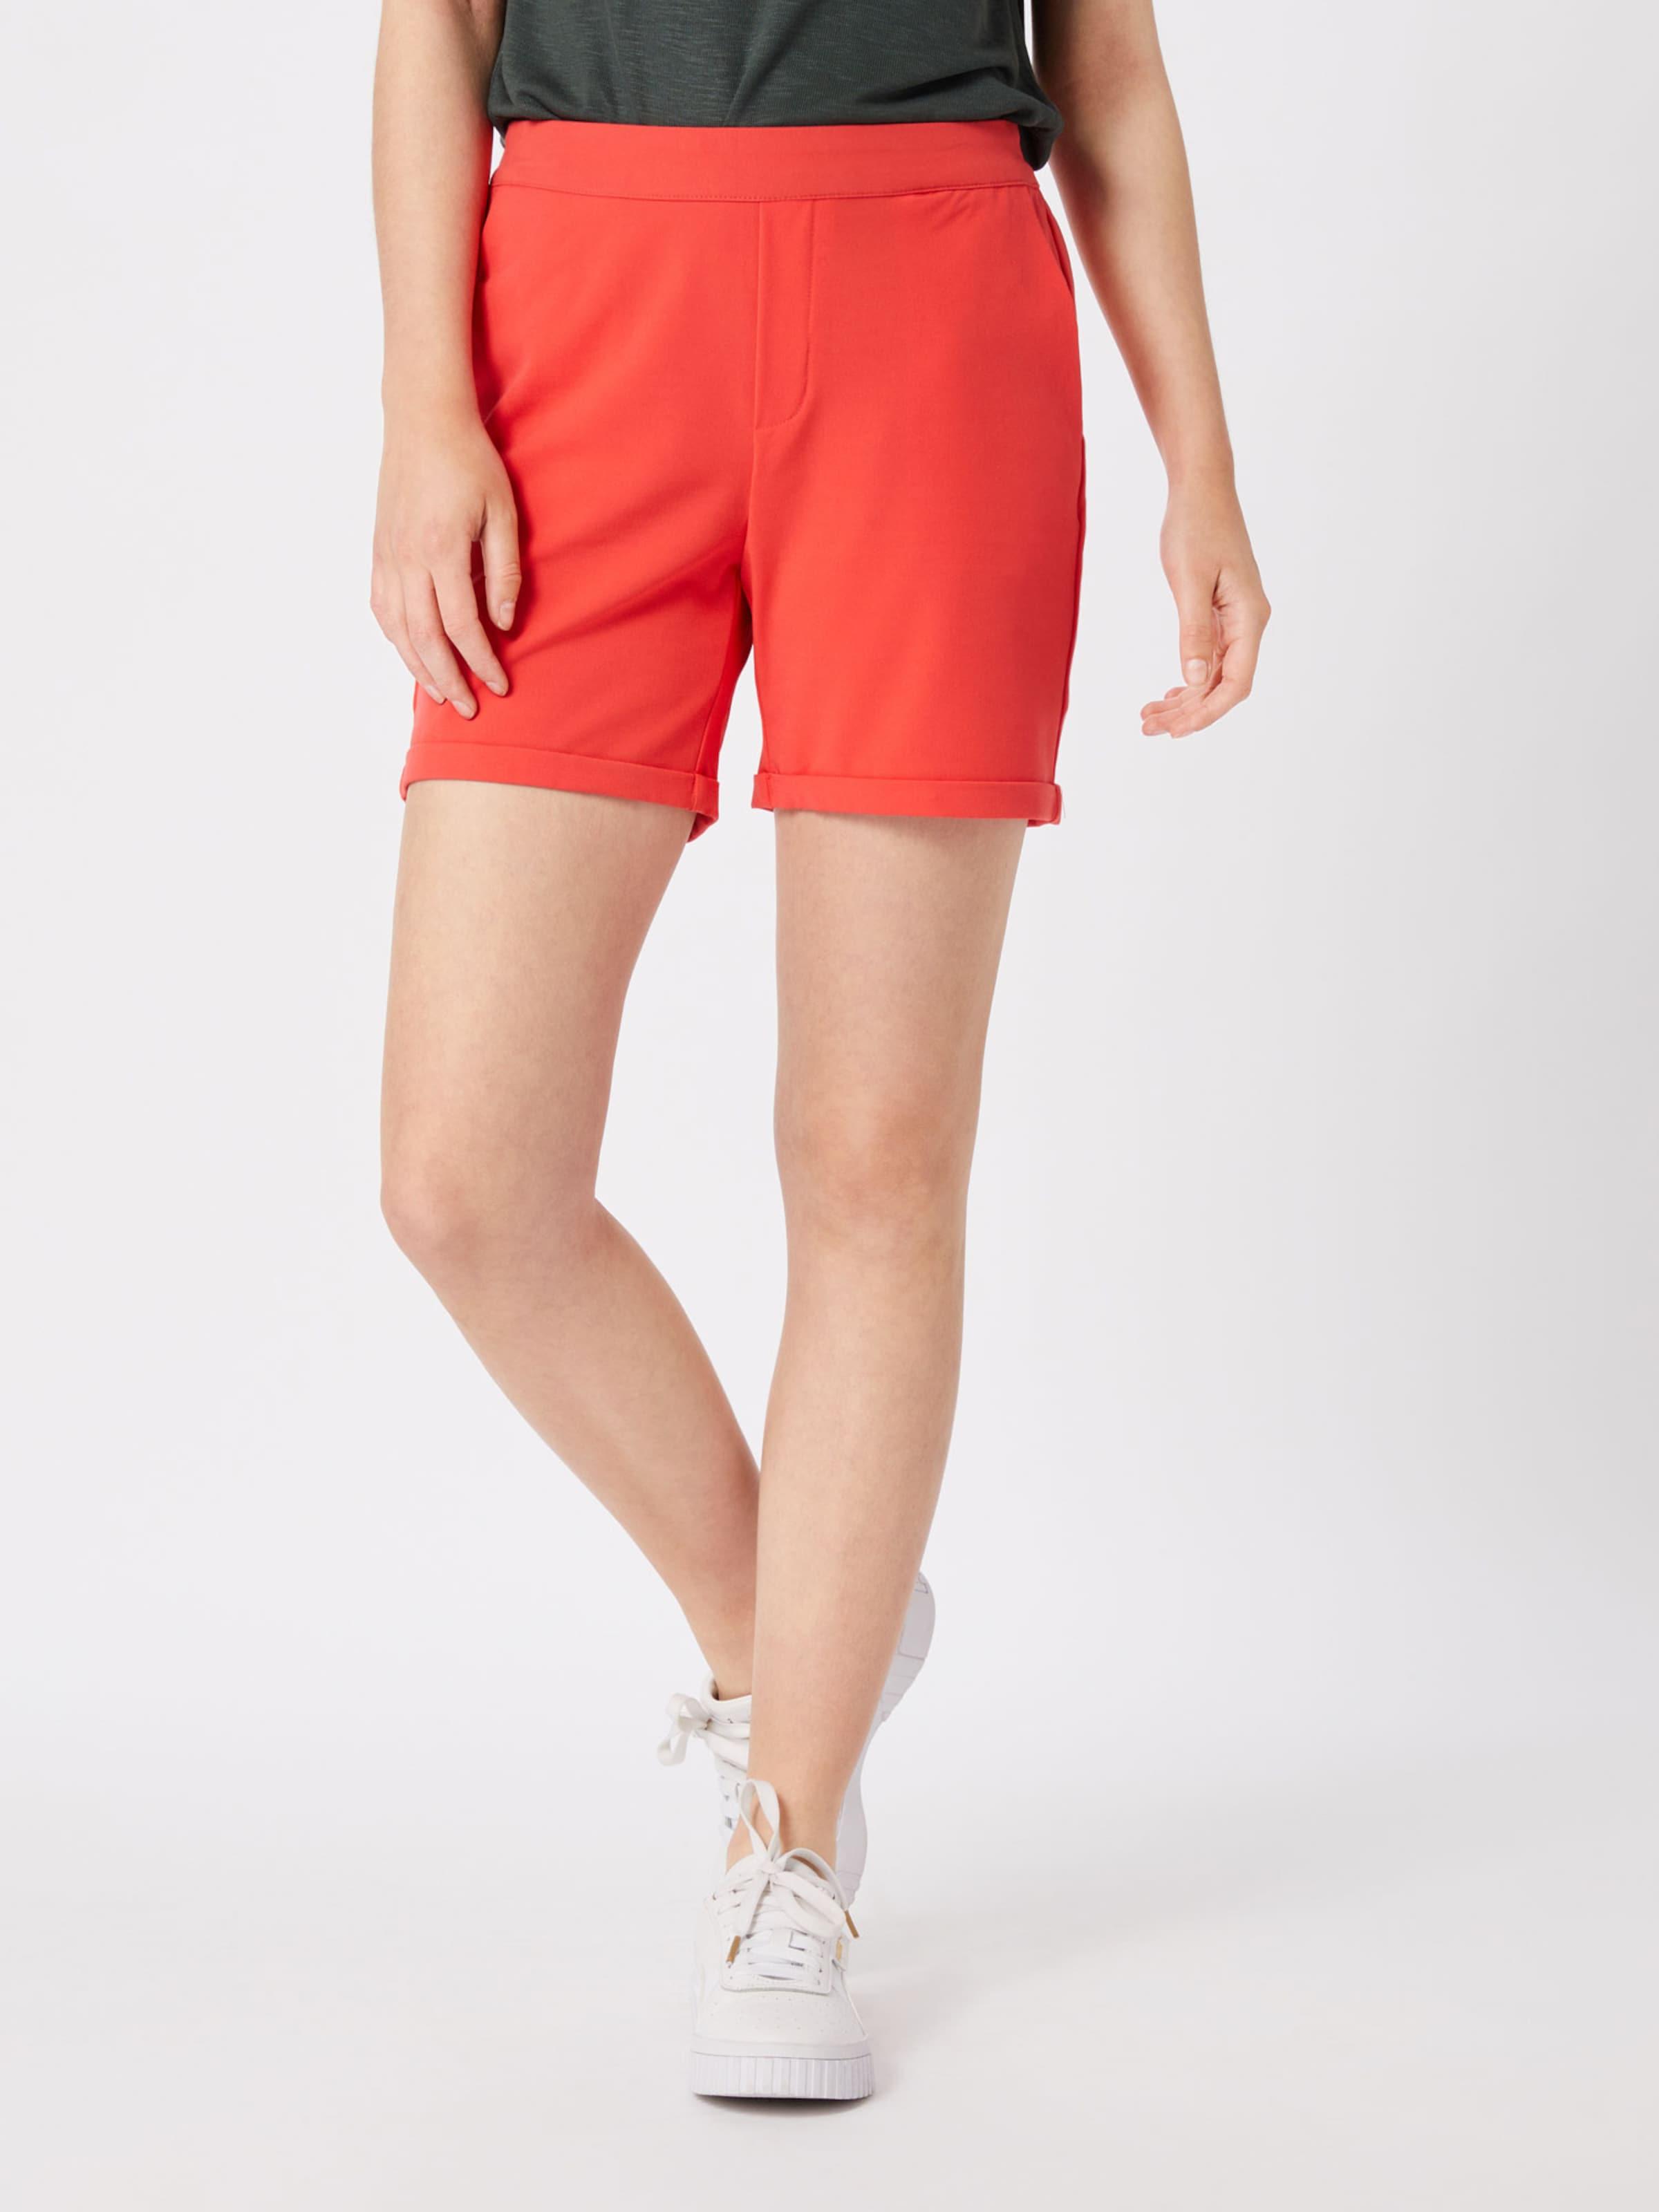 Pantalon Pantalon Object 'cecilie' En Rouge En Pantalon 'cecilie' En Rouge 'cecilie' Object Object tdxrQsCh